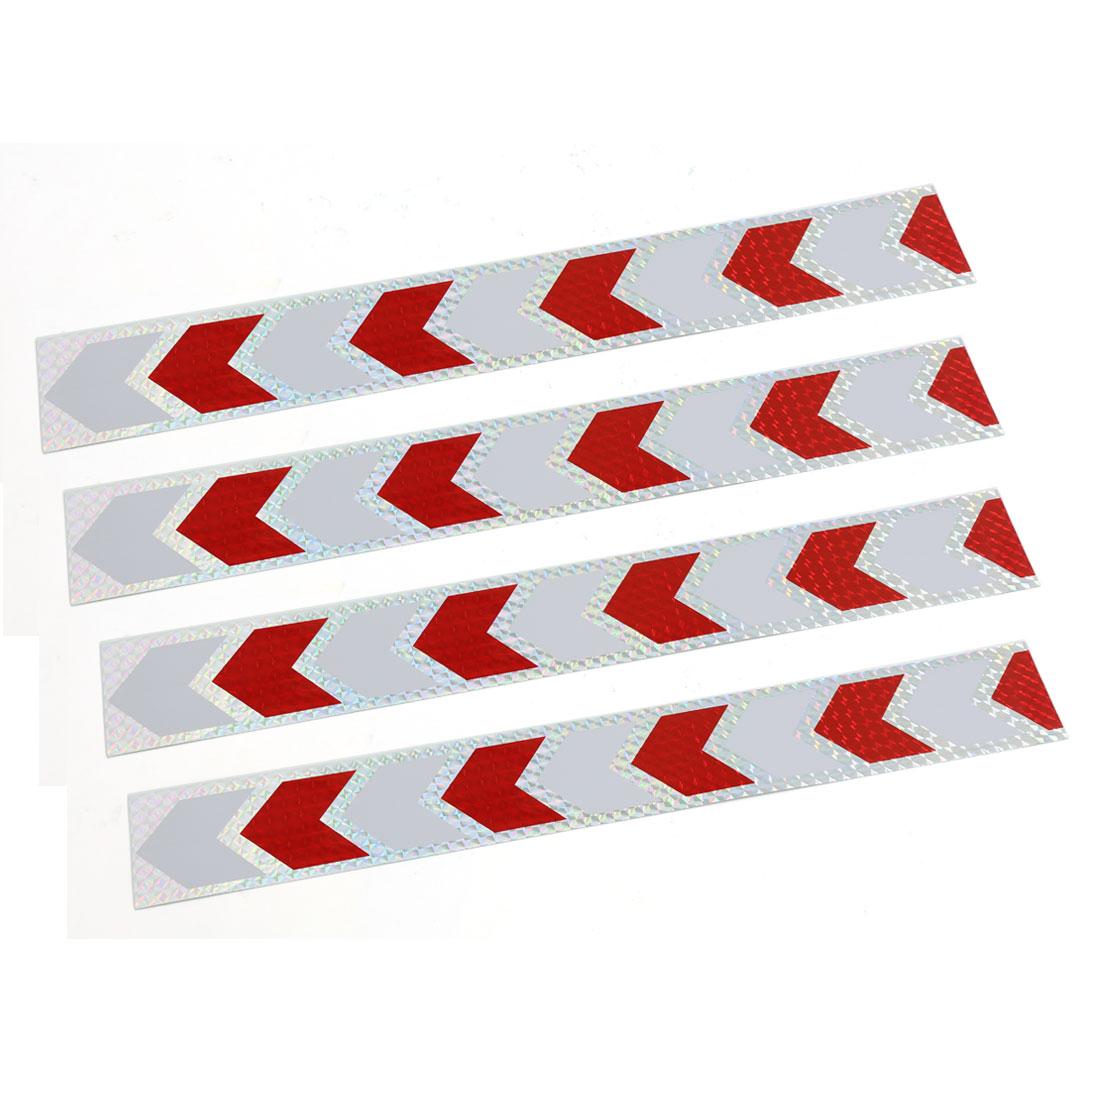 Trucks Car Decor Arrows Design Stick-on Reflective Sticker Silver Tone Red 4pcs